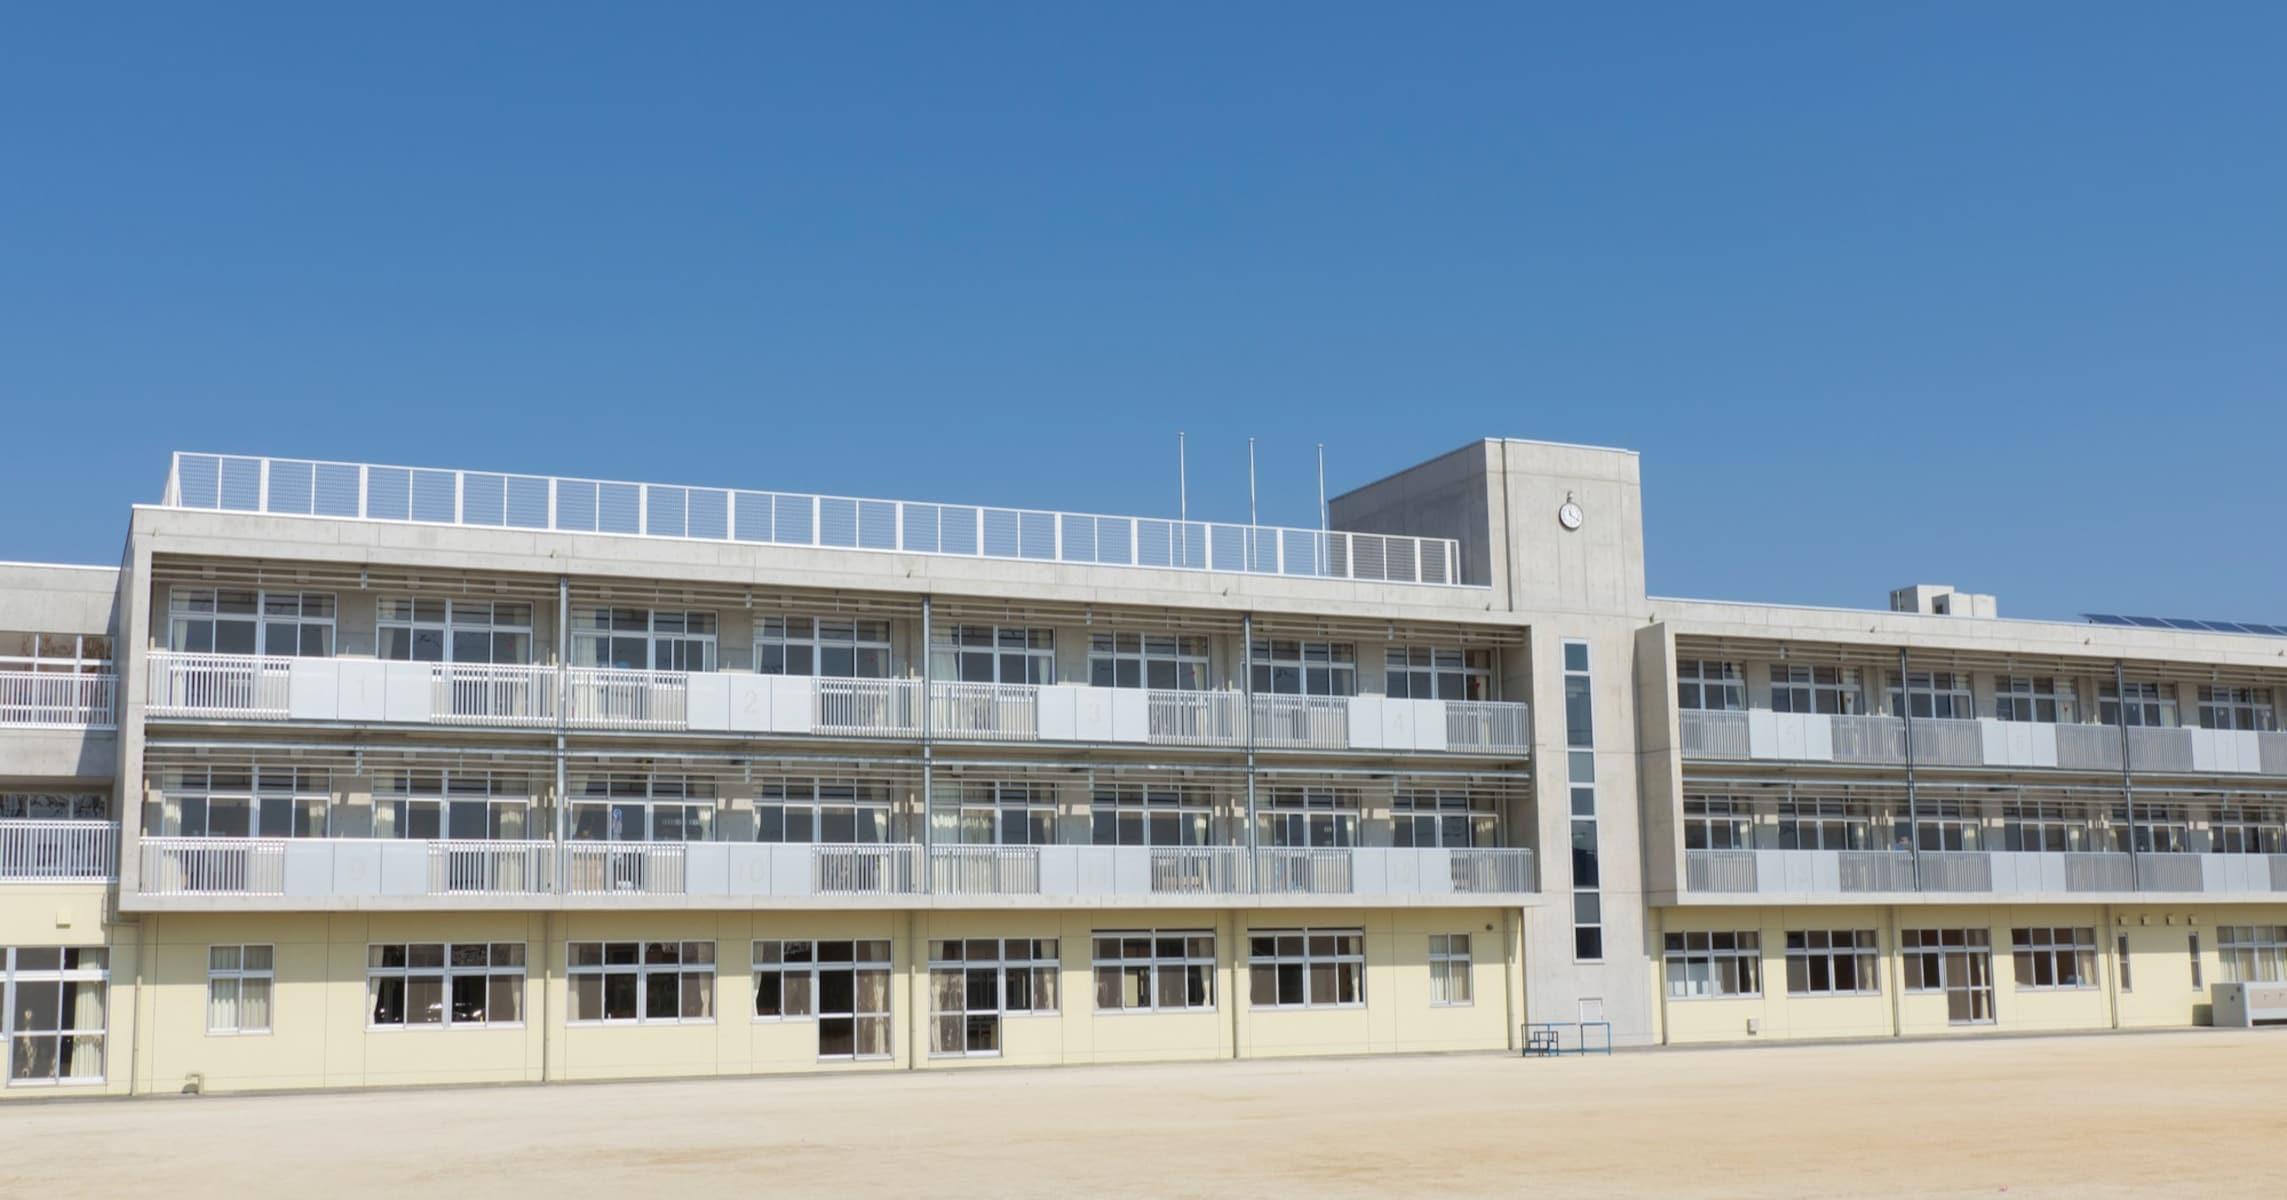 昨今における政府・地方自治体のコロナ対策を日本の中学校に例えてみたら…こんな風になりました?